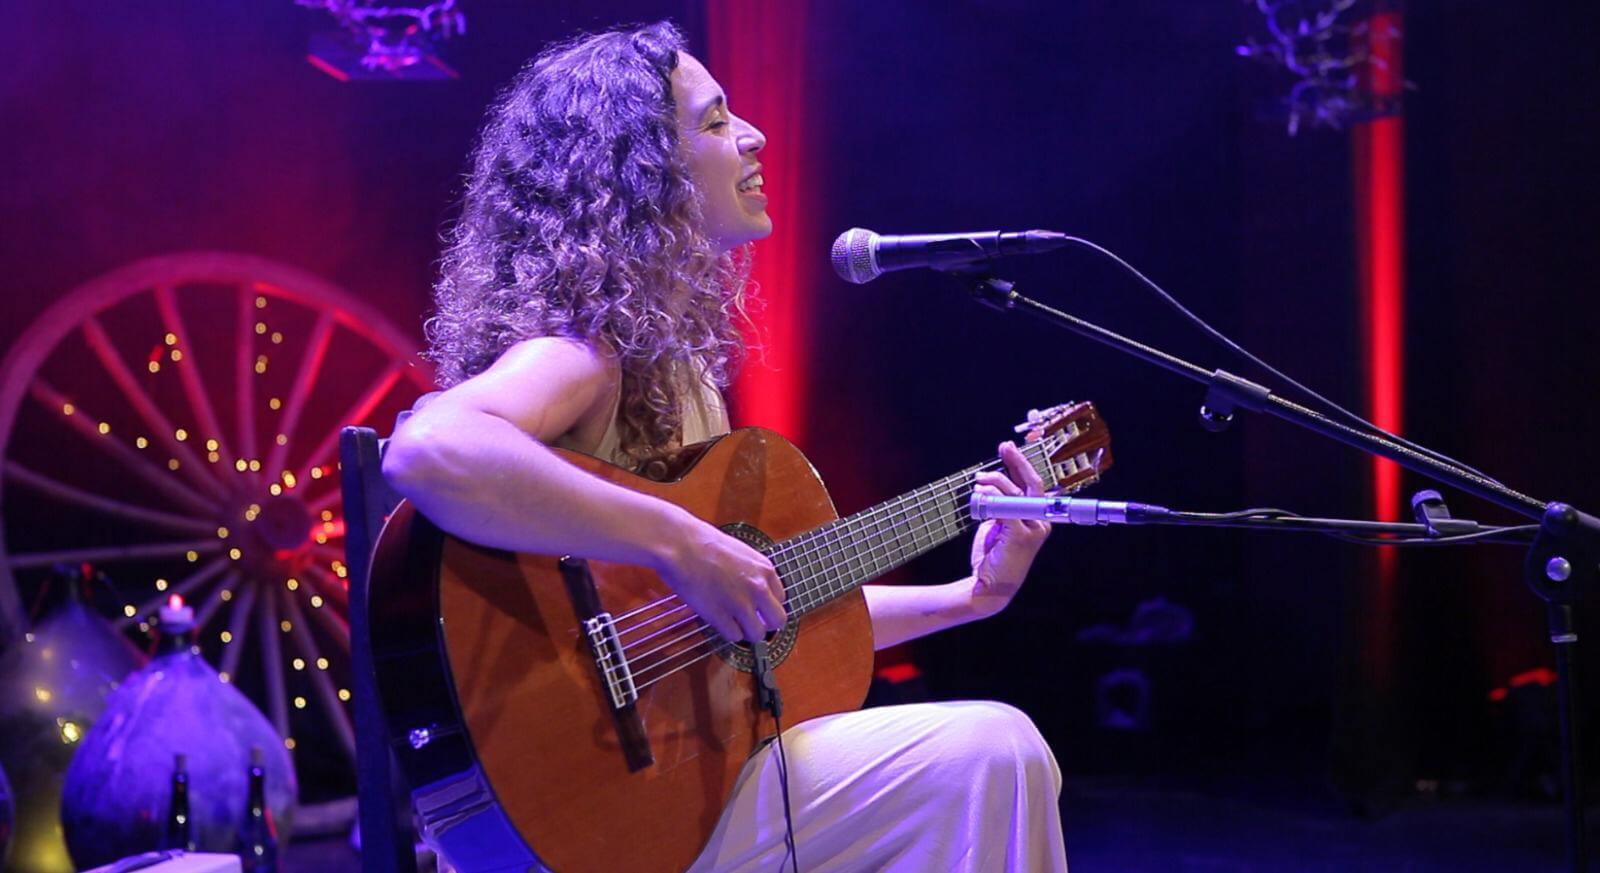 Xiomara Abello